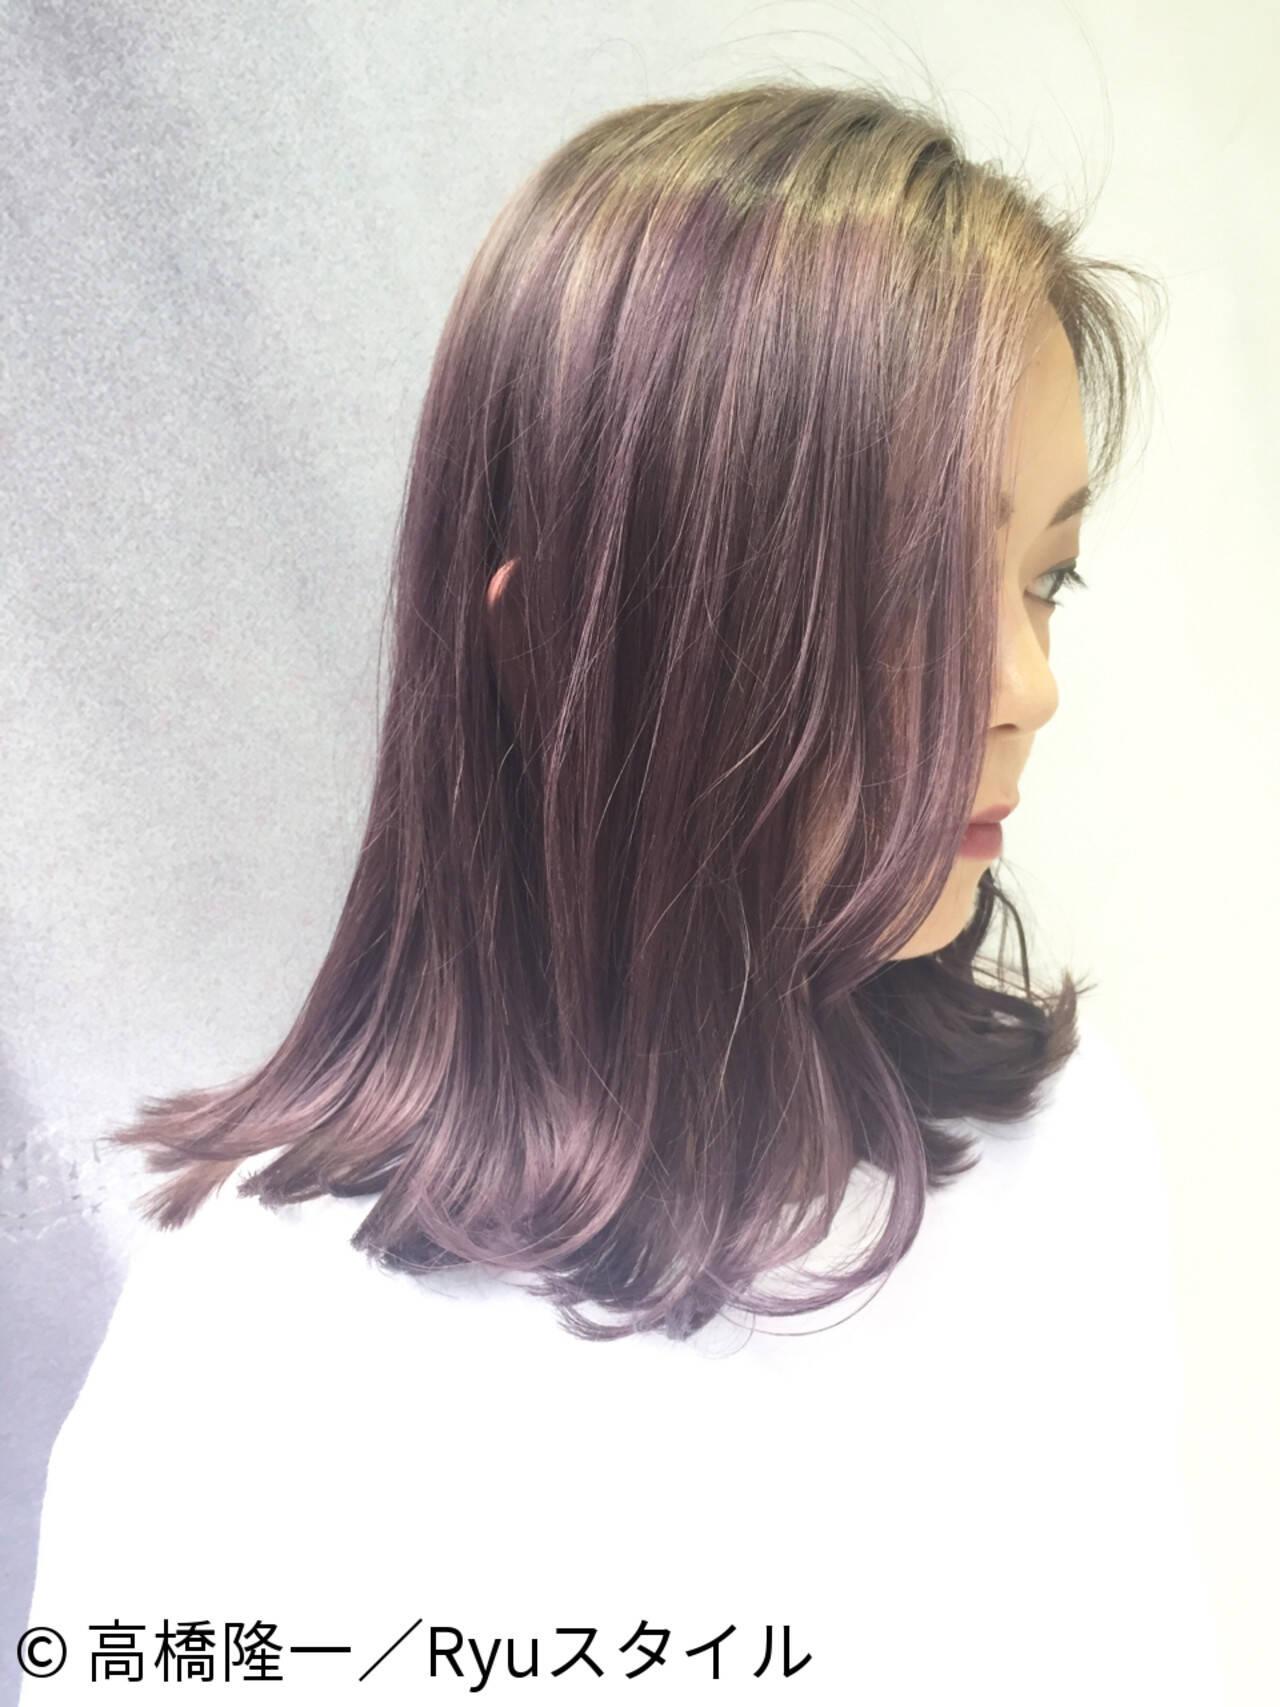 アッシュバイオレット ストリート グラデーションカラー ピンクヘアスタイルや髪型の写真・画像